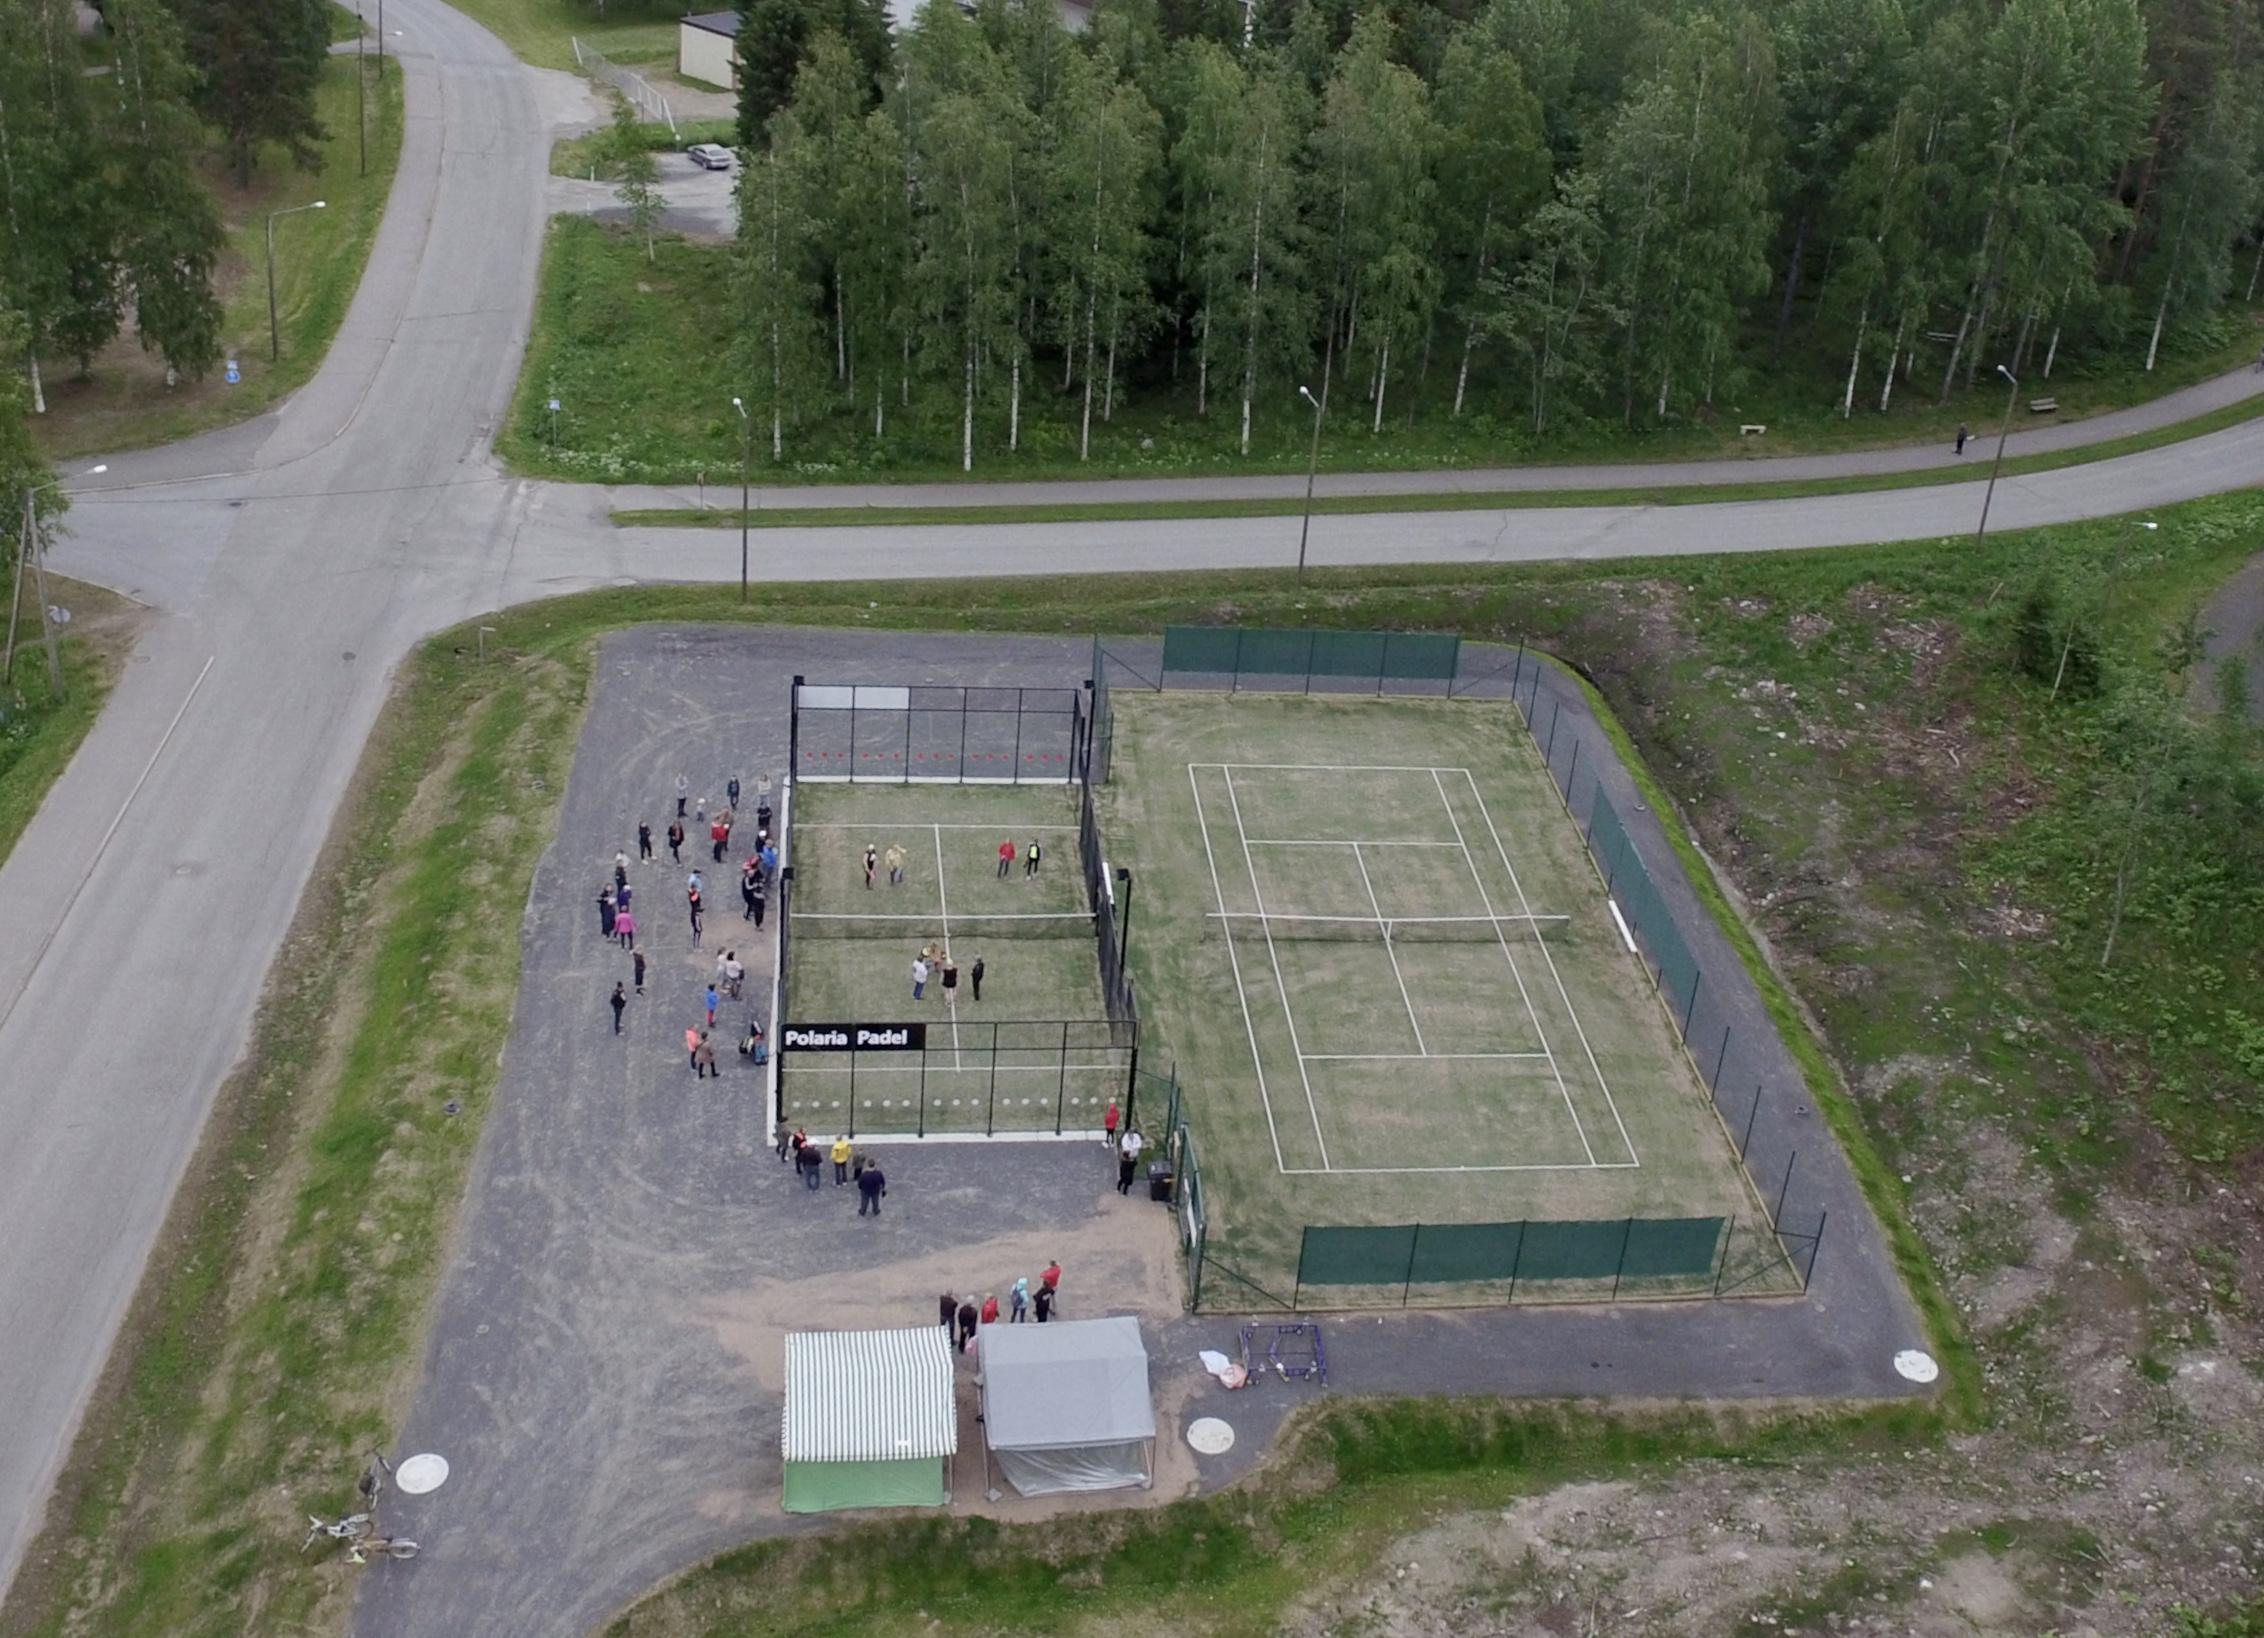 Padelkenttä unisport tekonurmi padel  padel-kenttä padel kenttä